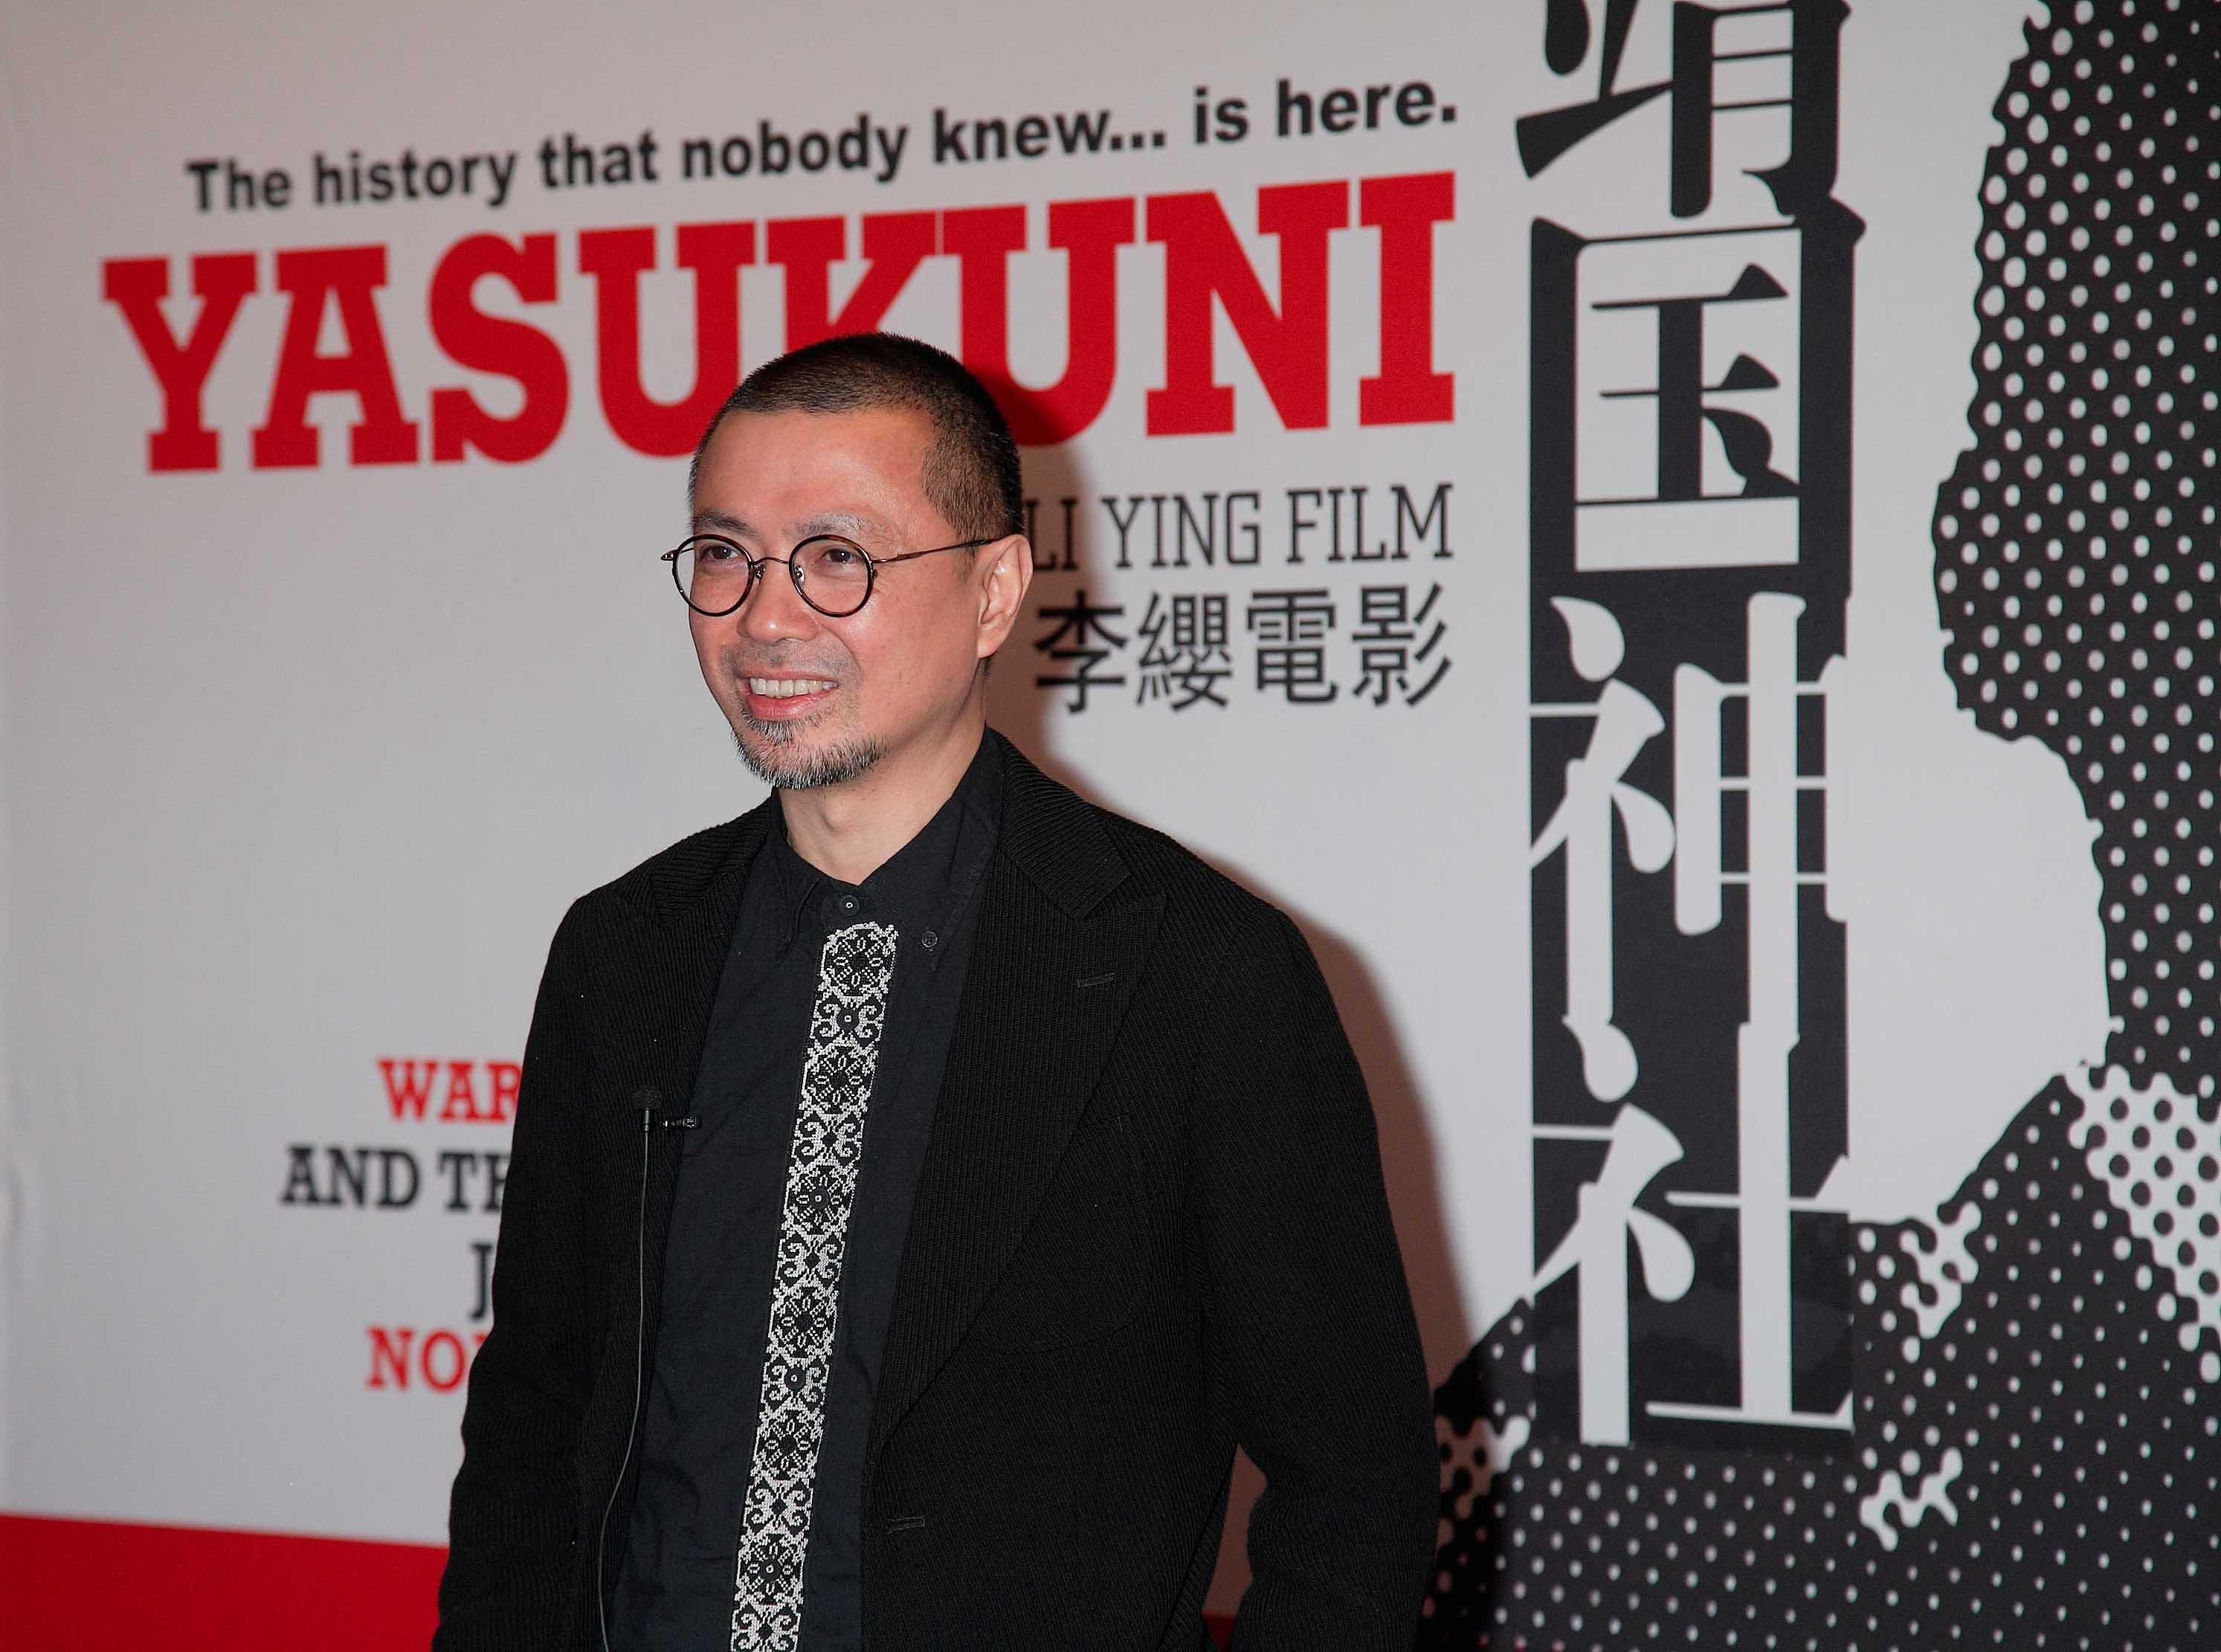 Yasukuni Shrine film still relevant 10 years on